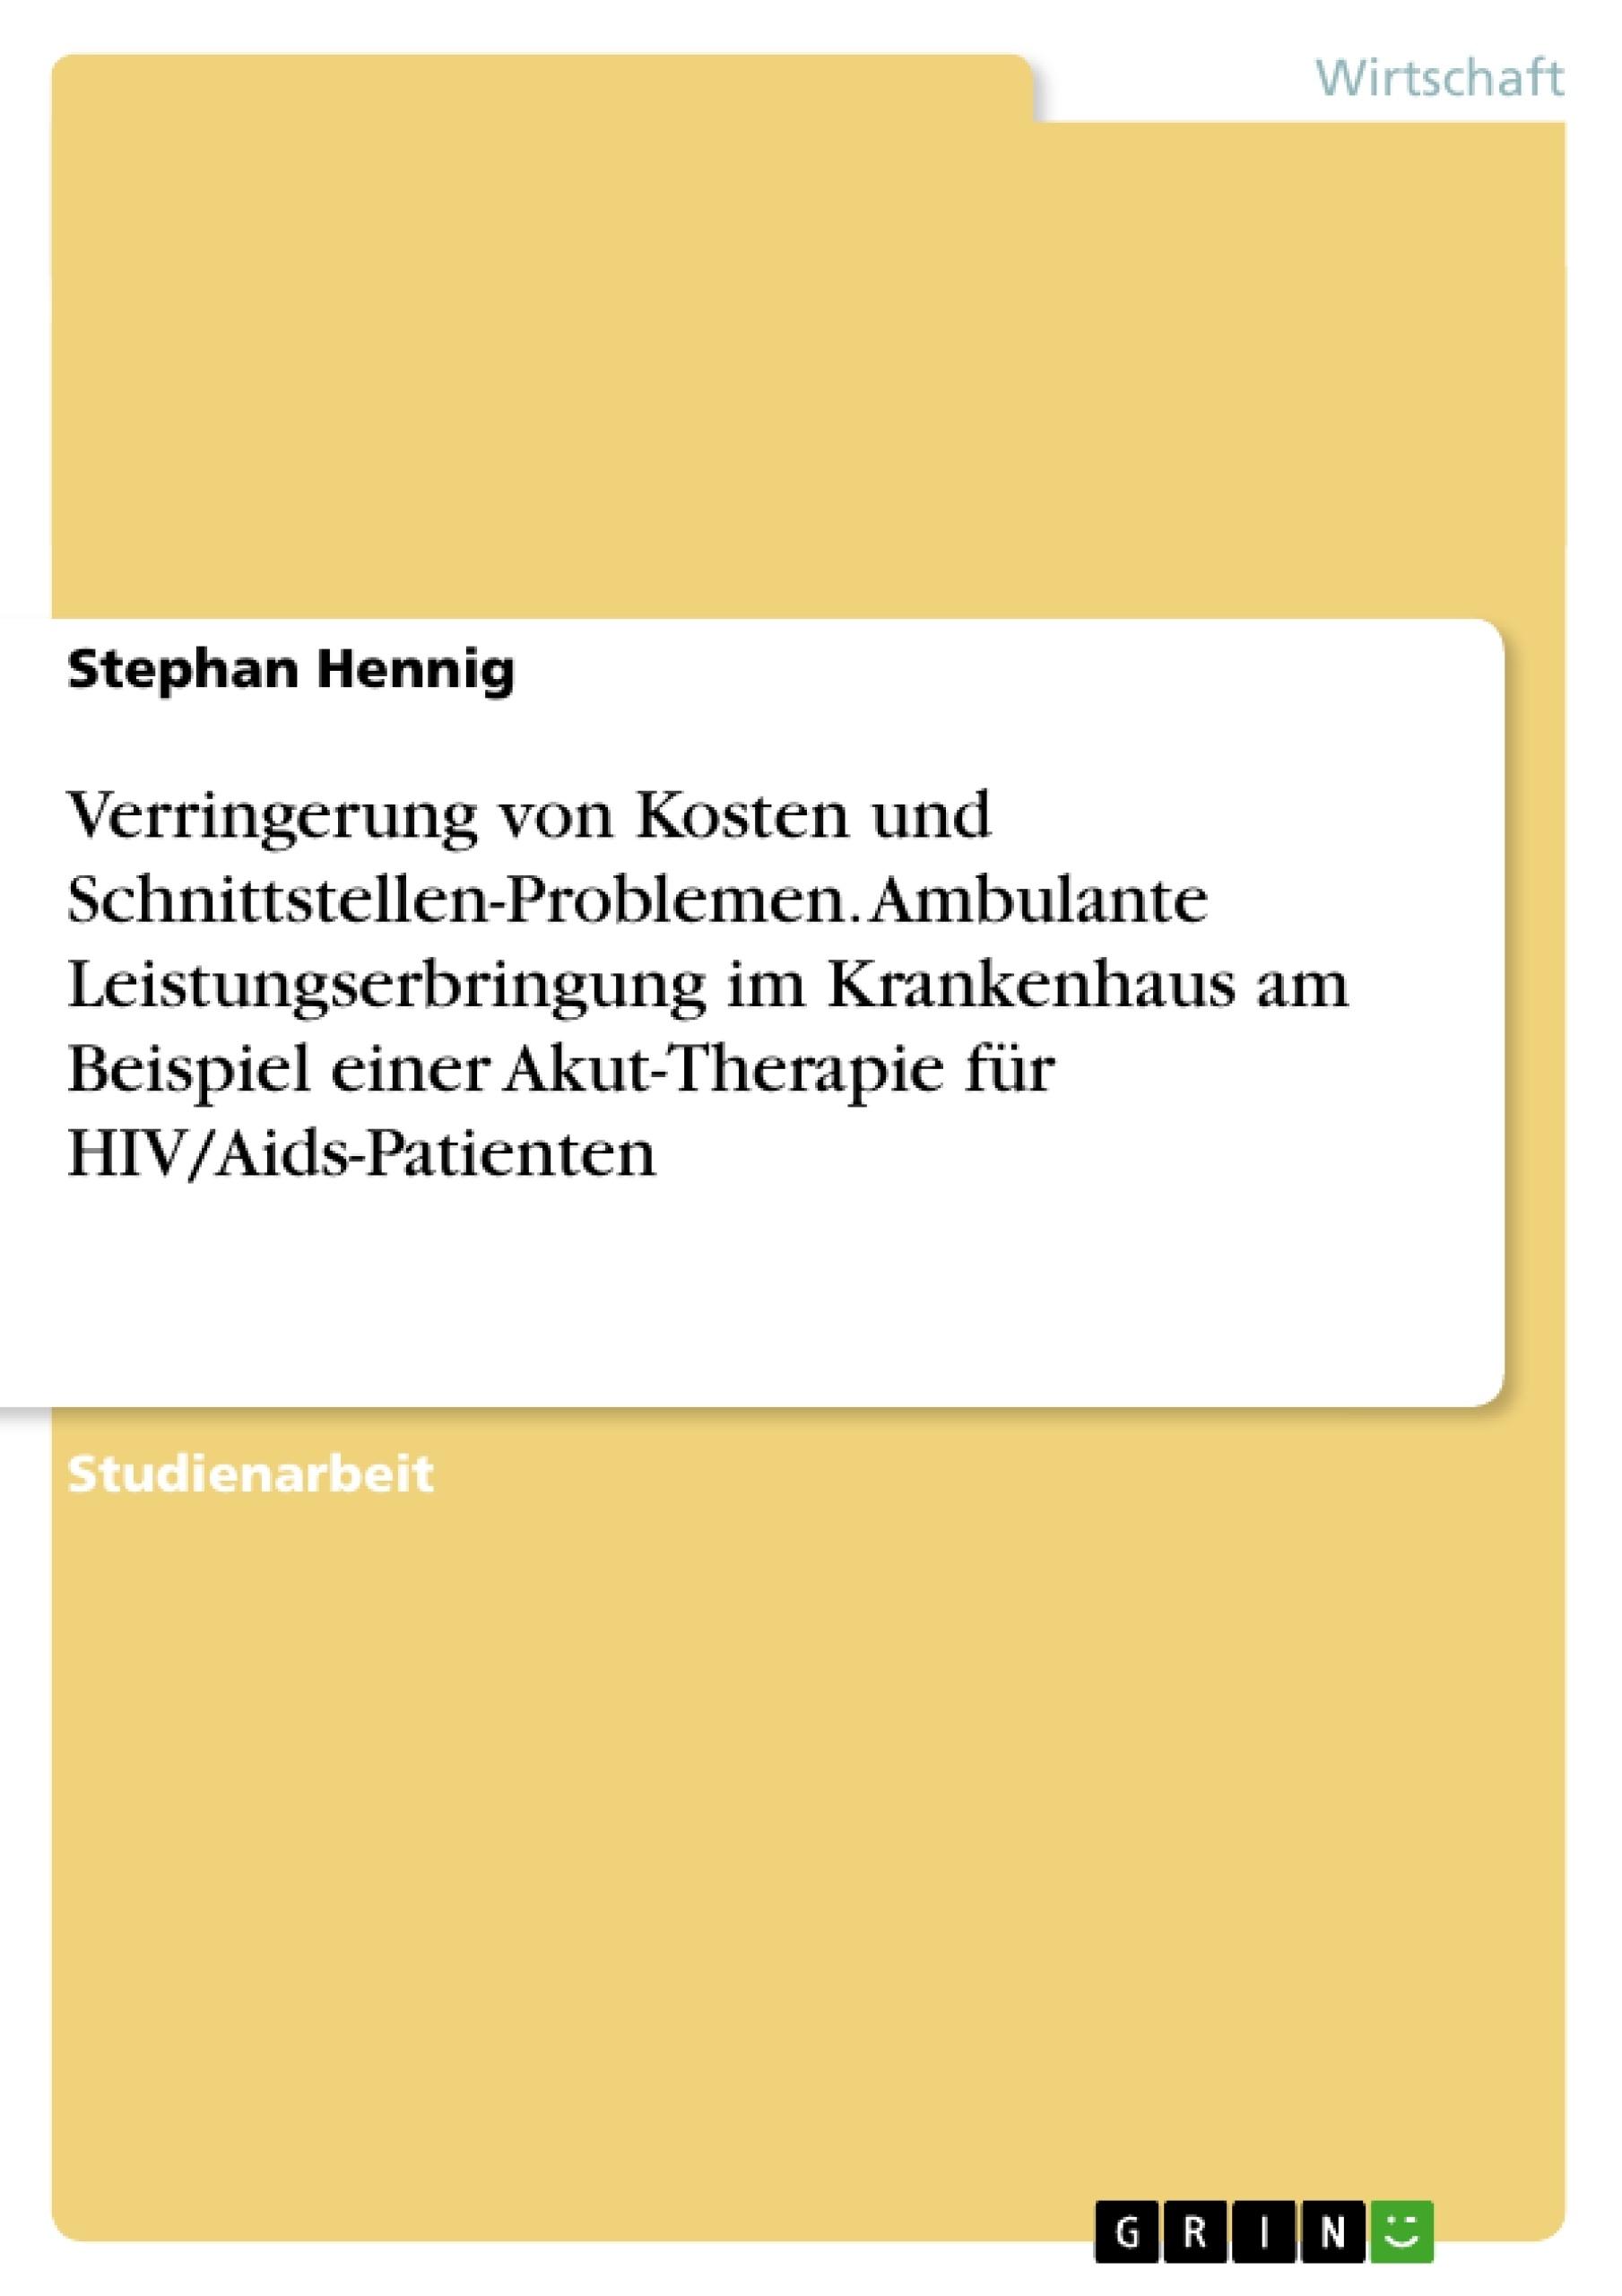 Titel: Verringerung von Kosten und Schnittstellen-Problemen. Ambulante Leistungserbringung im Krankenhaus am Beispiel einer Akut-Therapie für HIV/Aids-Patienten